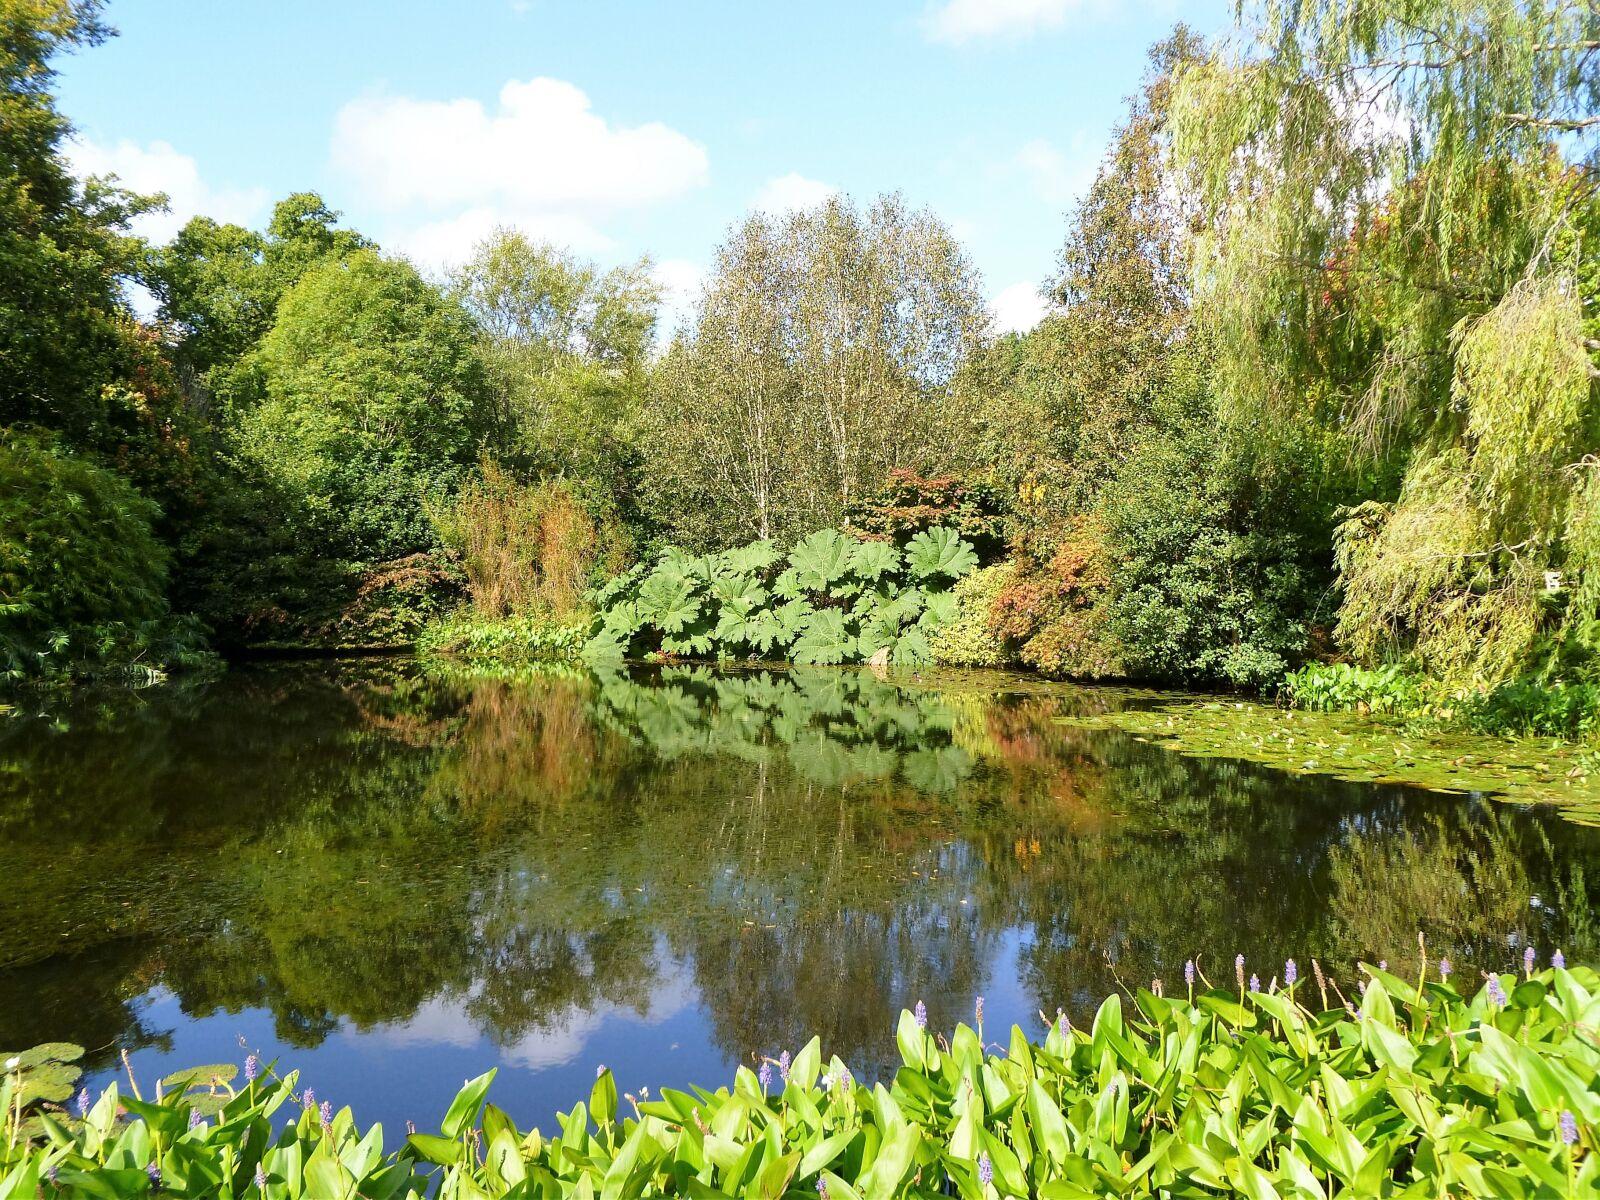 """Panasonic DMC-FH20 sample photo. """"English garden, water, garden"""" photography"""